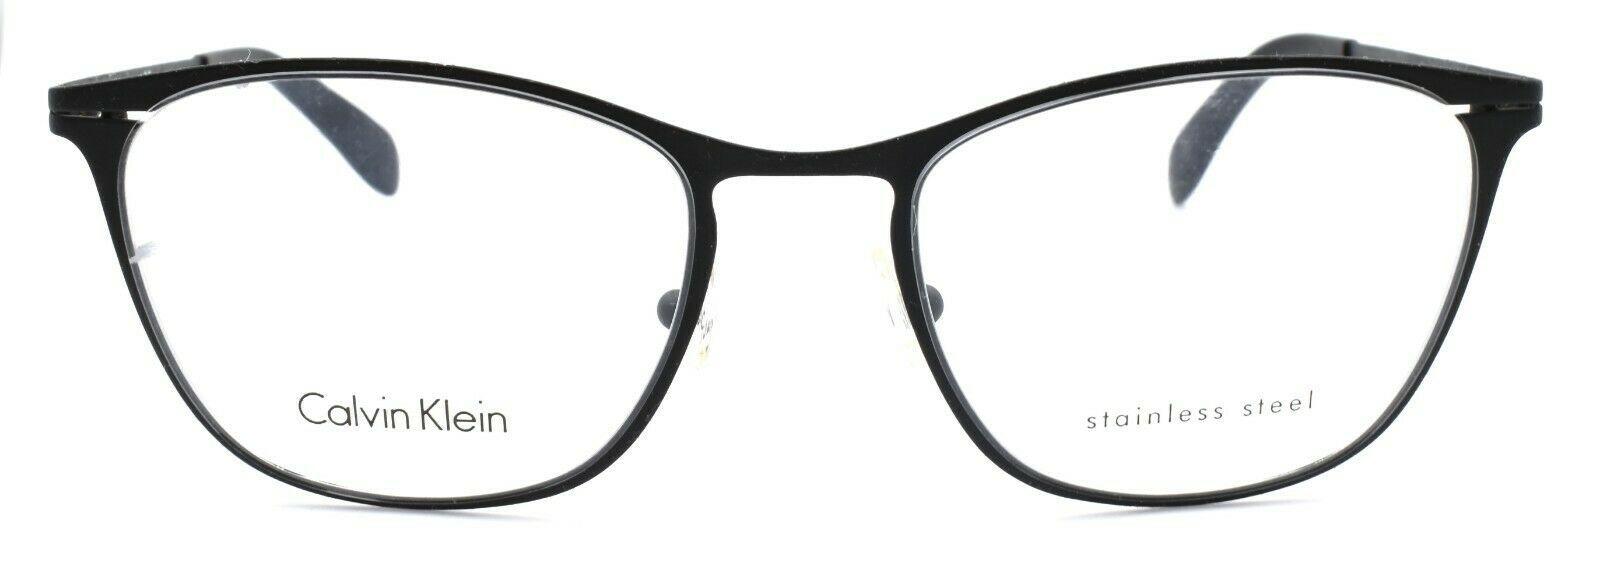 Calvin Klein CK5411 001 Unisex Eyeglasses Frames 51-19-140 Black ITALY